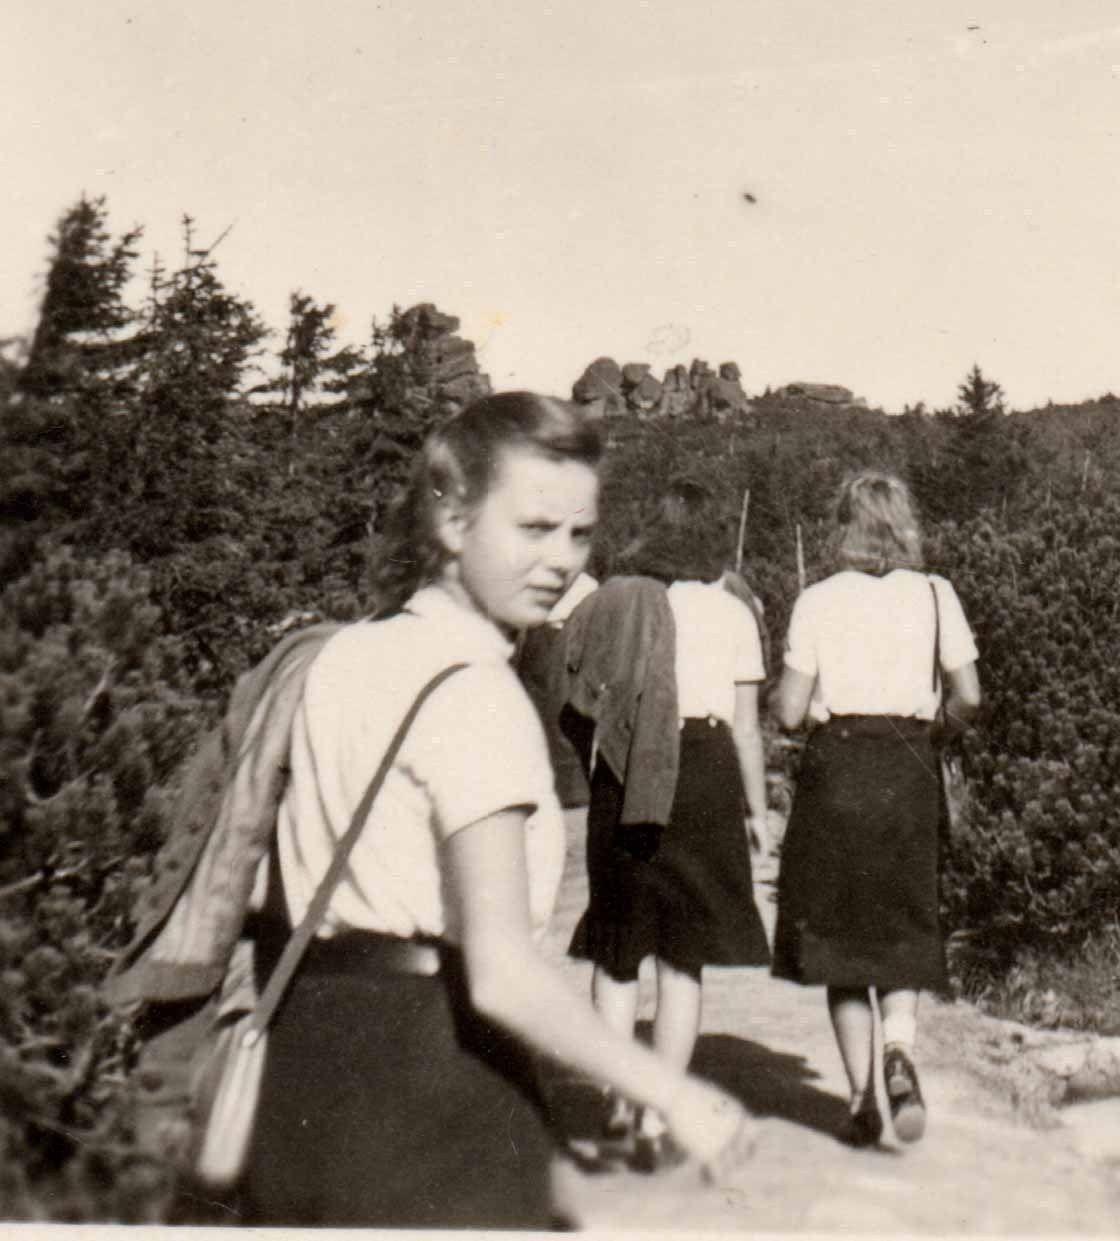 BDM (Bünd Deutsche Mädel) girls